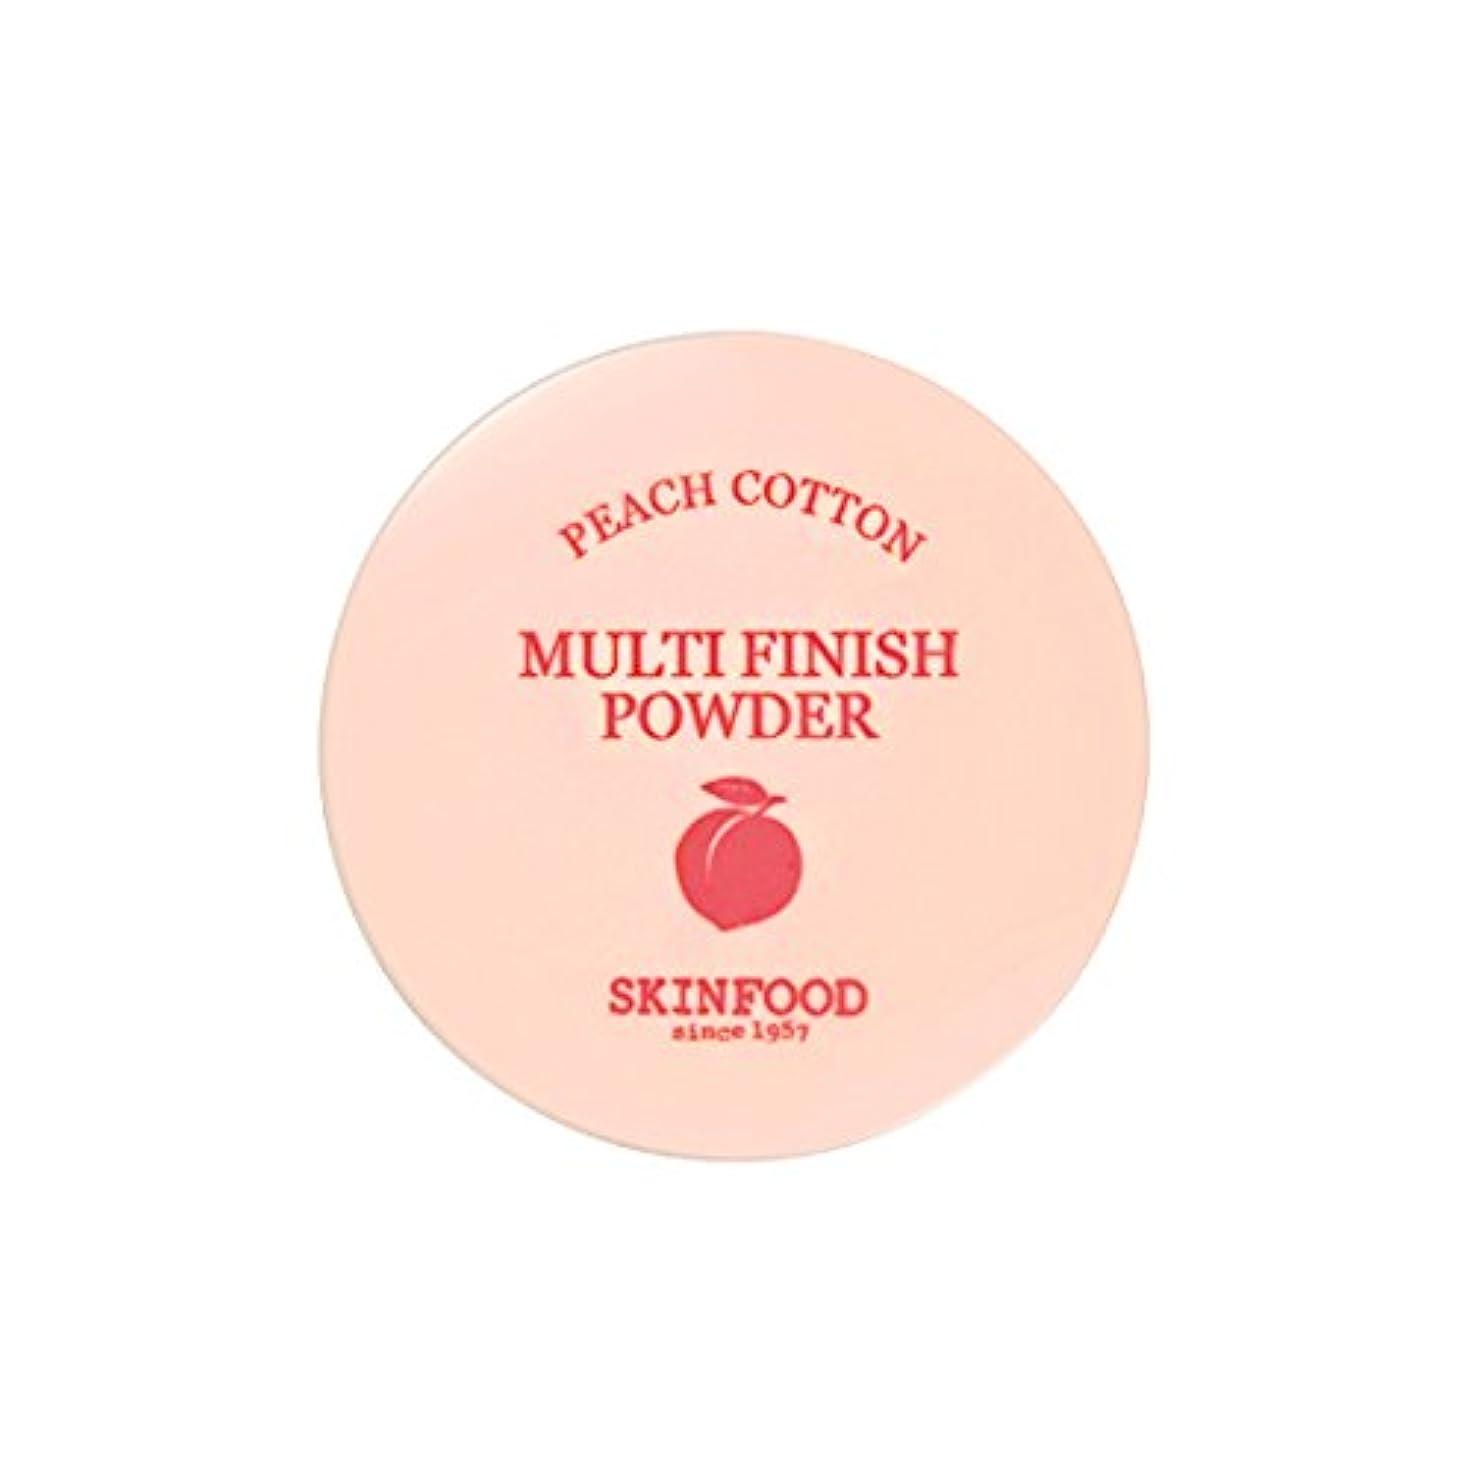 バーチャル価値のない華氏[New] SKINFOOD Peach Cotton Multi Finish Powder/スキンフード ピーチ コットン マルチ フィニッシュ パウダー (#小容量:5g) [並行輸入品]